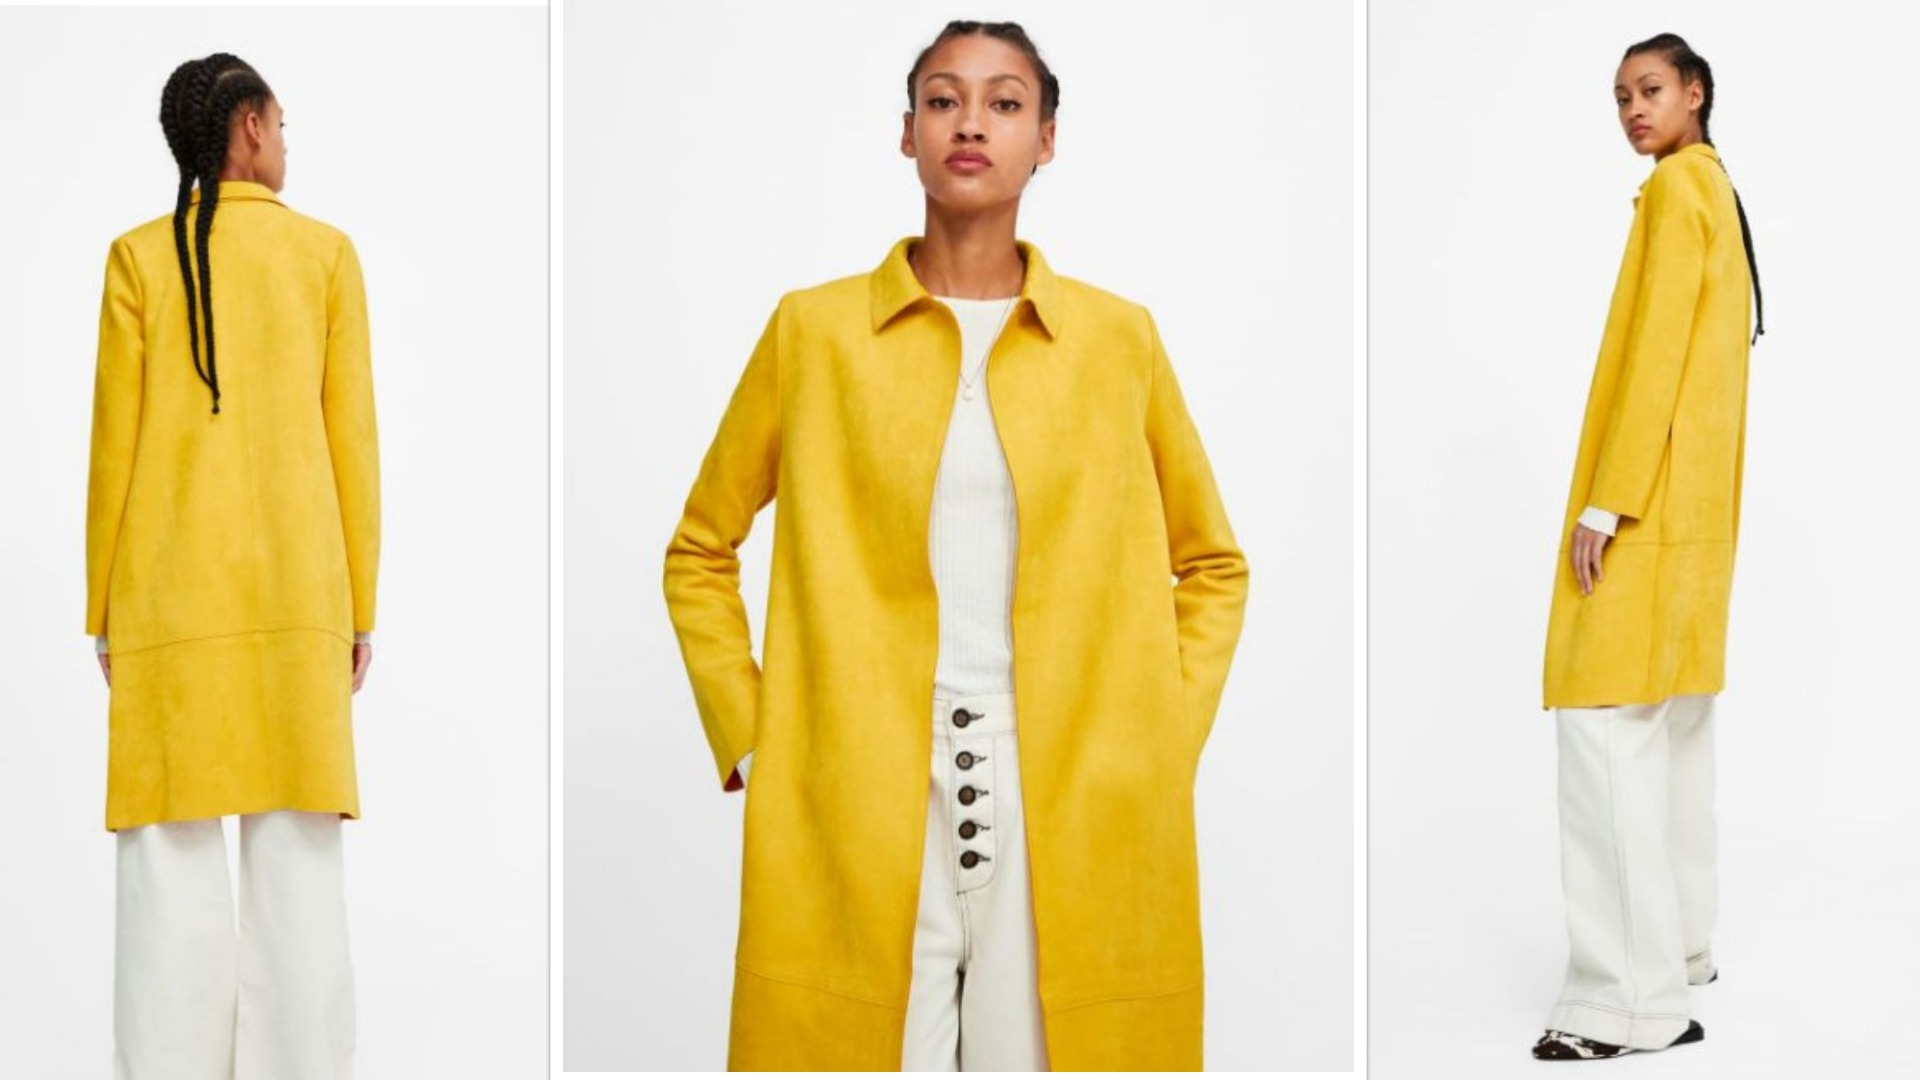 Una opción similar, en amarillo,en el catálogo on line de Zara.